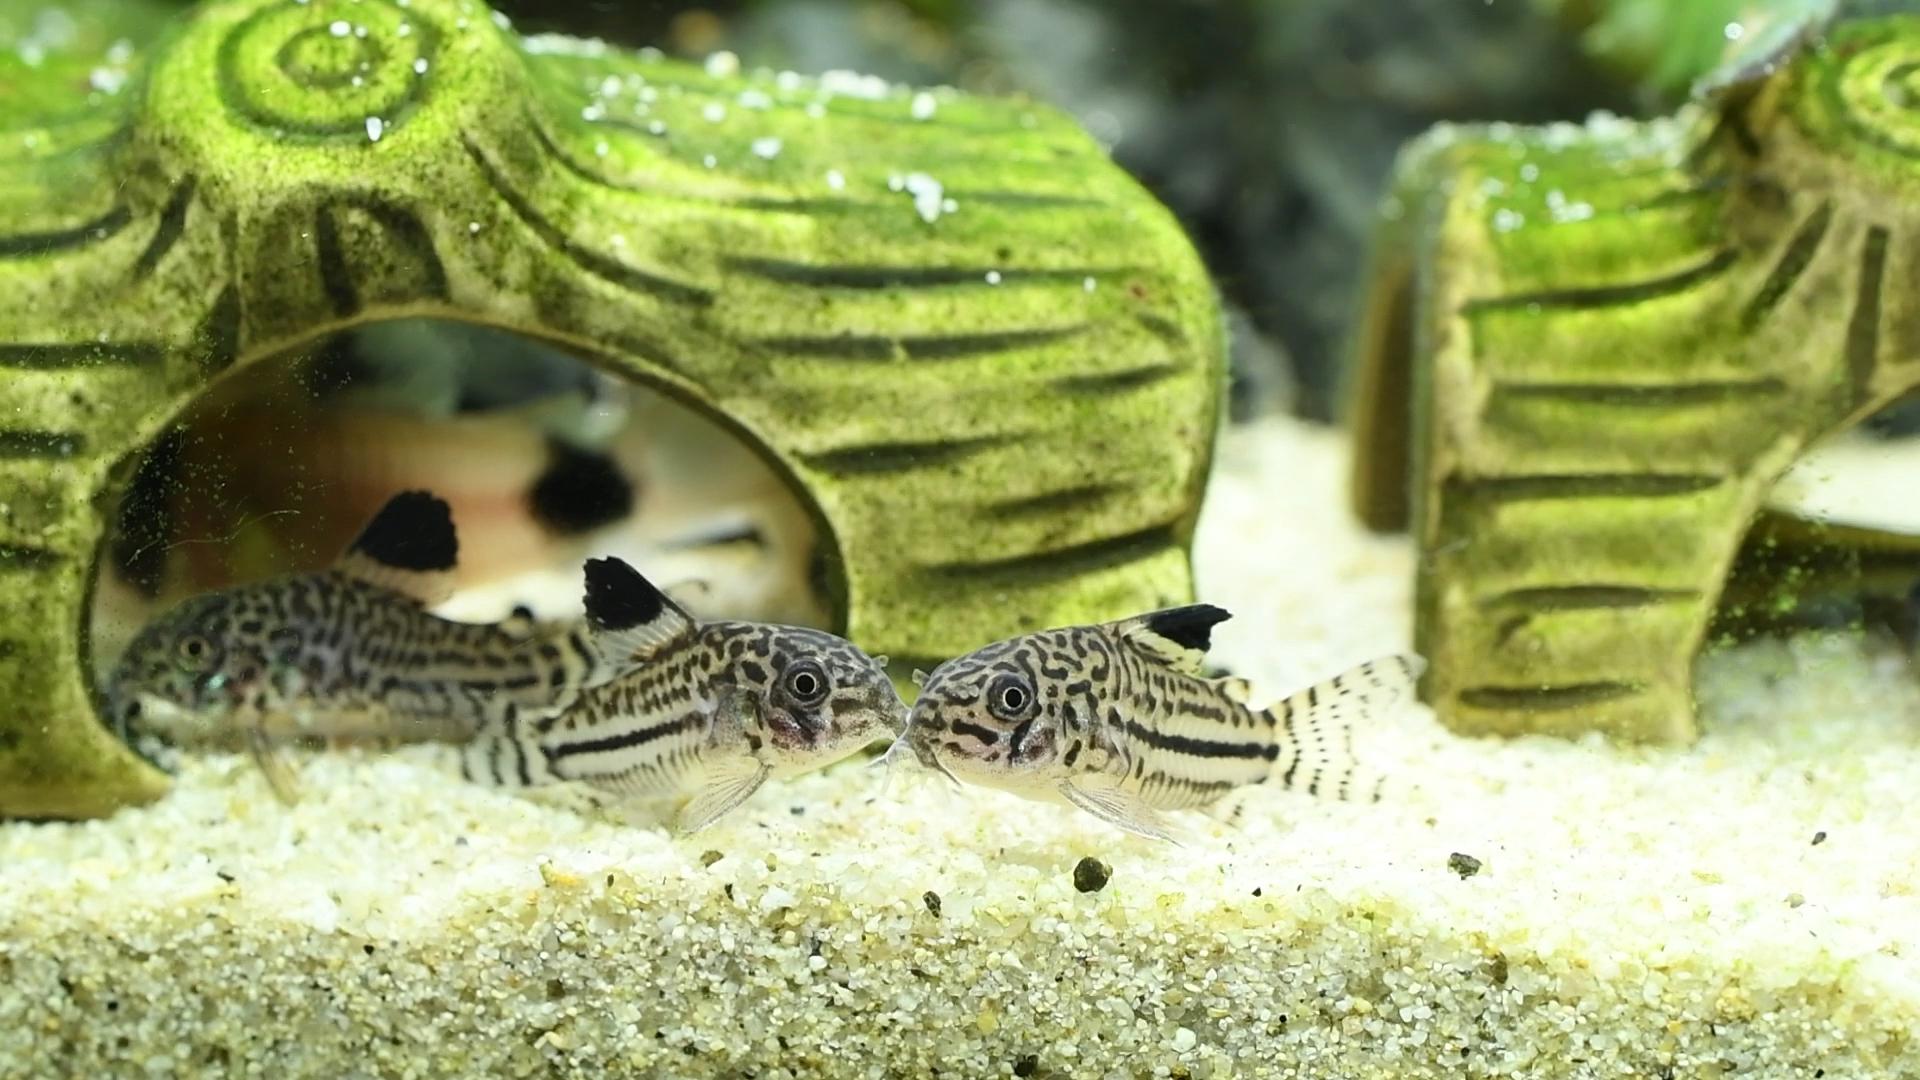 熱帯魚紹介:柄が可愛い コリドラス・ジュリー